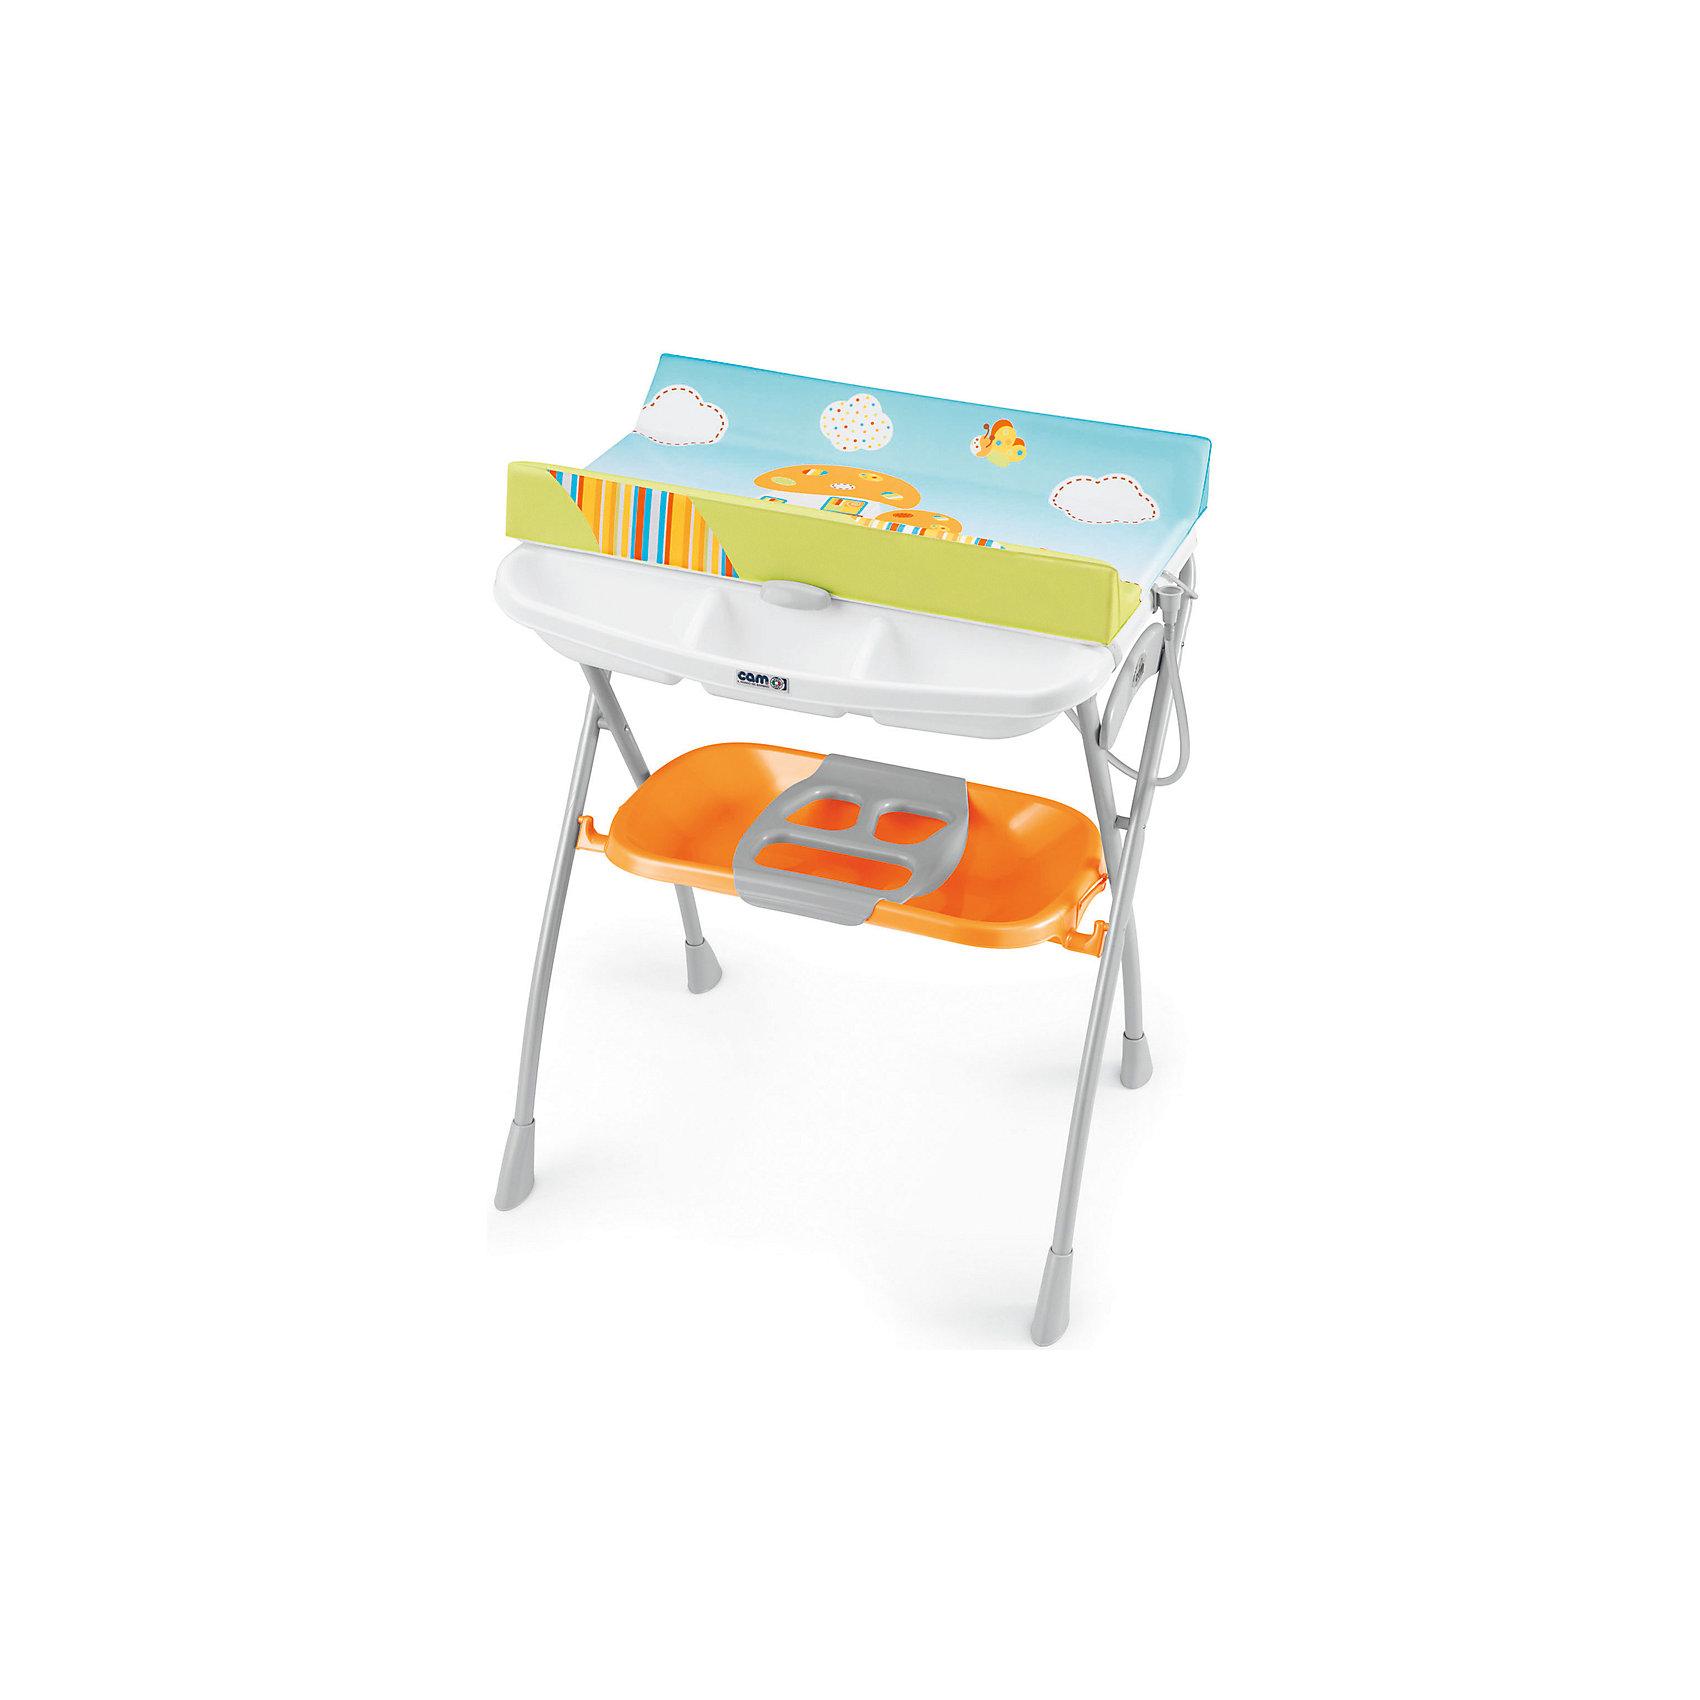 Пеленальный столик с ванночкой Volare Грибок, CAM,  оранжевыйИдеи подарков<br>Пеленальный столик с ванночкой - идеальный вариант для мам и малышей! Мягкий пеленальный матрасик надежно крепится к столу, покрыт водонепроницаемой тканью. Сбоку есть удобные полки для детских принадлежностей. Внизу расположена удобная ванночка со сливным отверстием. Стол. изготовлен из высококачественных прочных материалов, легко и быстро и компактно складывается, занимает мало места при хранении и транспортировке.  <br><br>Дополнительная информация:<br><br>- Материал: пластик, металл.<br>- Размер столика: 81х94х68 см.<br>- Удобная полка для детских принадлежностей.<br>- Сливное отверстие в ванночке.<br>- Съемный пеленальный матрас.<br>- Легко складывается. <br><br>Стол для пеленания с ванночкой Volare Грибок, CAM,  оранжевый, можно купить в нашем магазине.<br><br>Ширина мм: 1090<br>Глубина мм: 195<br>Высота мм: 810<br>Вес г: 10300<br>Возраст от месяцев: 0<br>Возраст до месяцев: 12<br>Пол: Унисекс<br>Возраст: Детский<br>SKU: 4443769